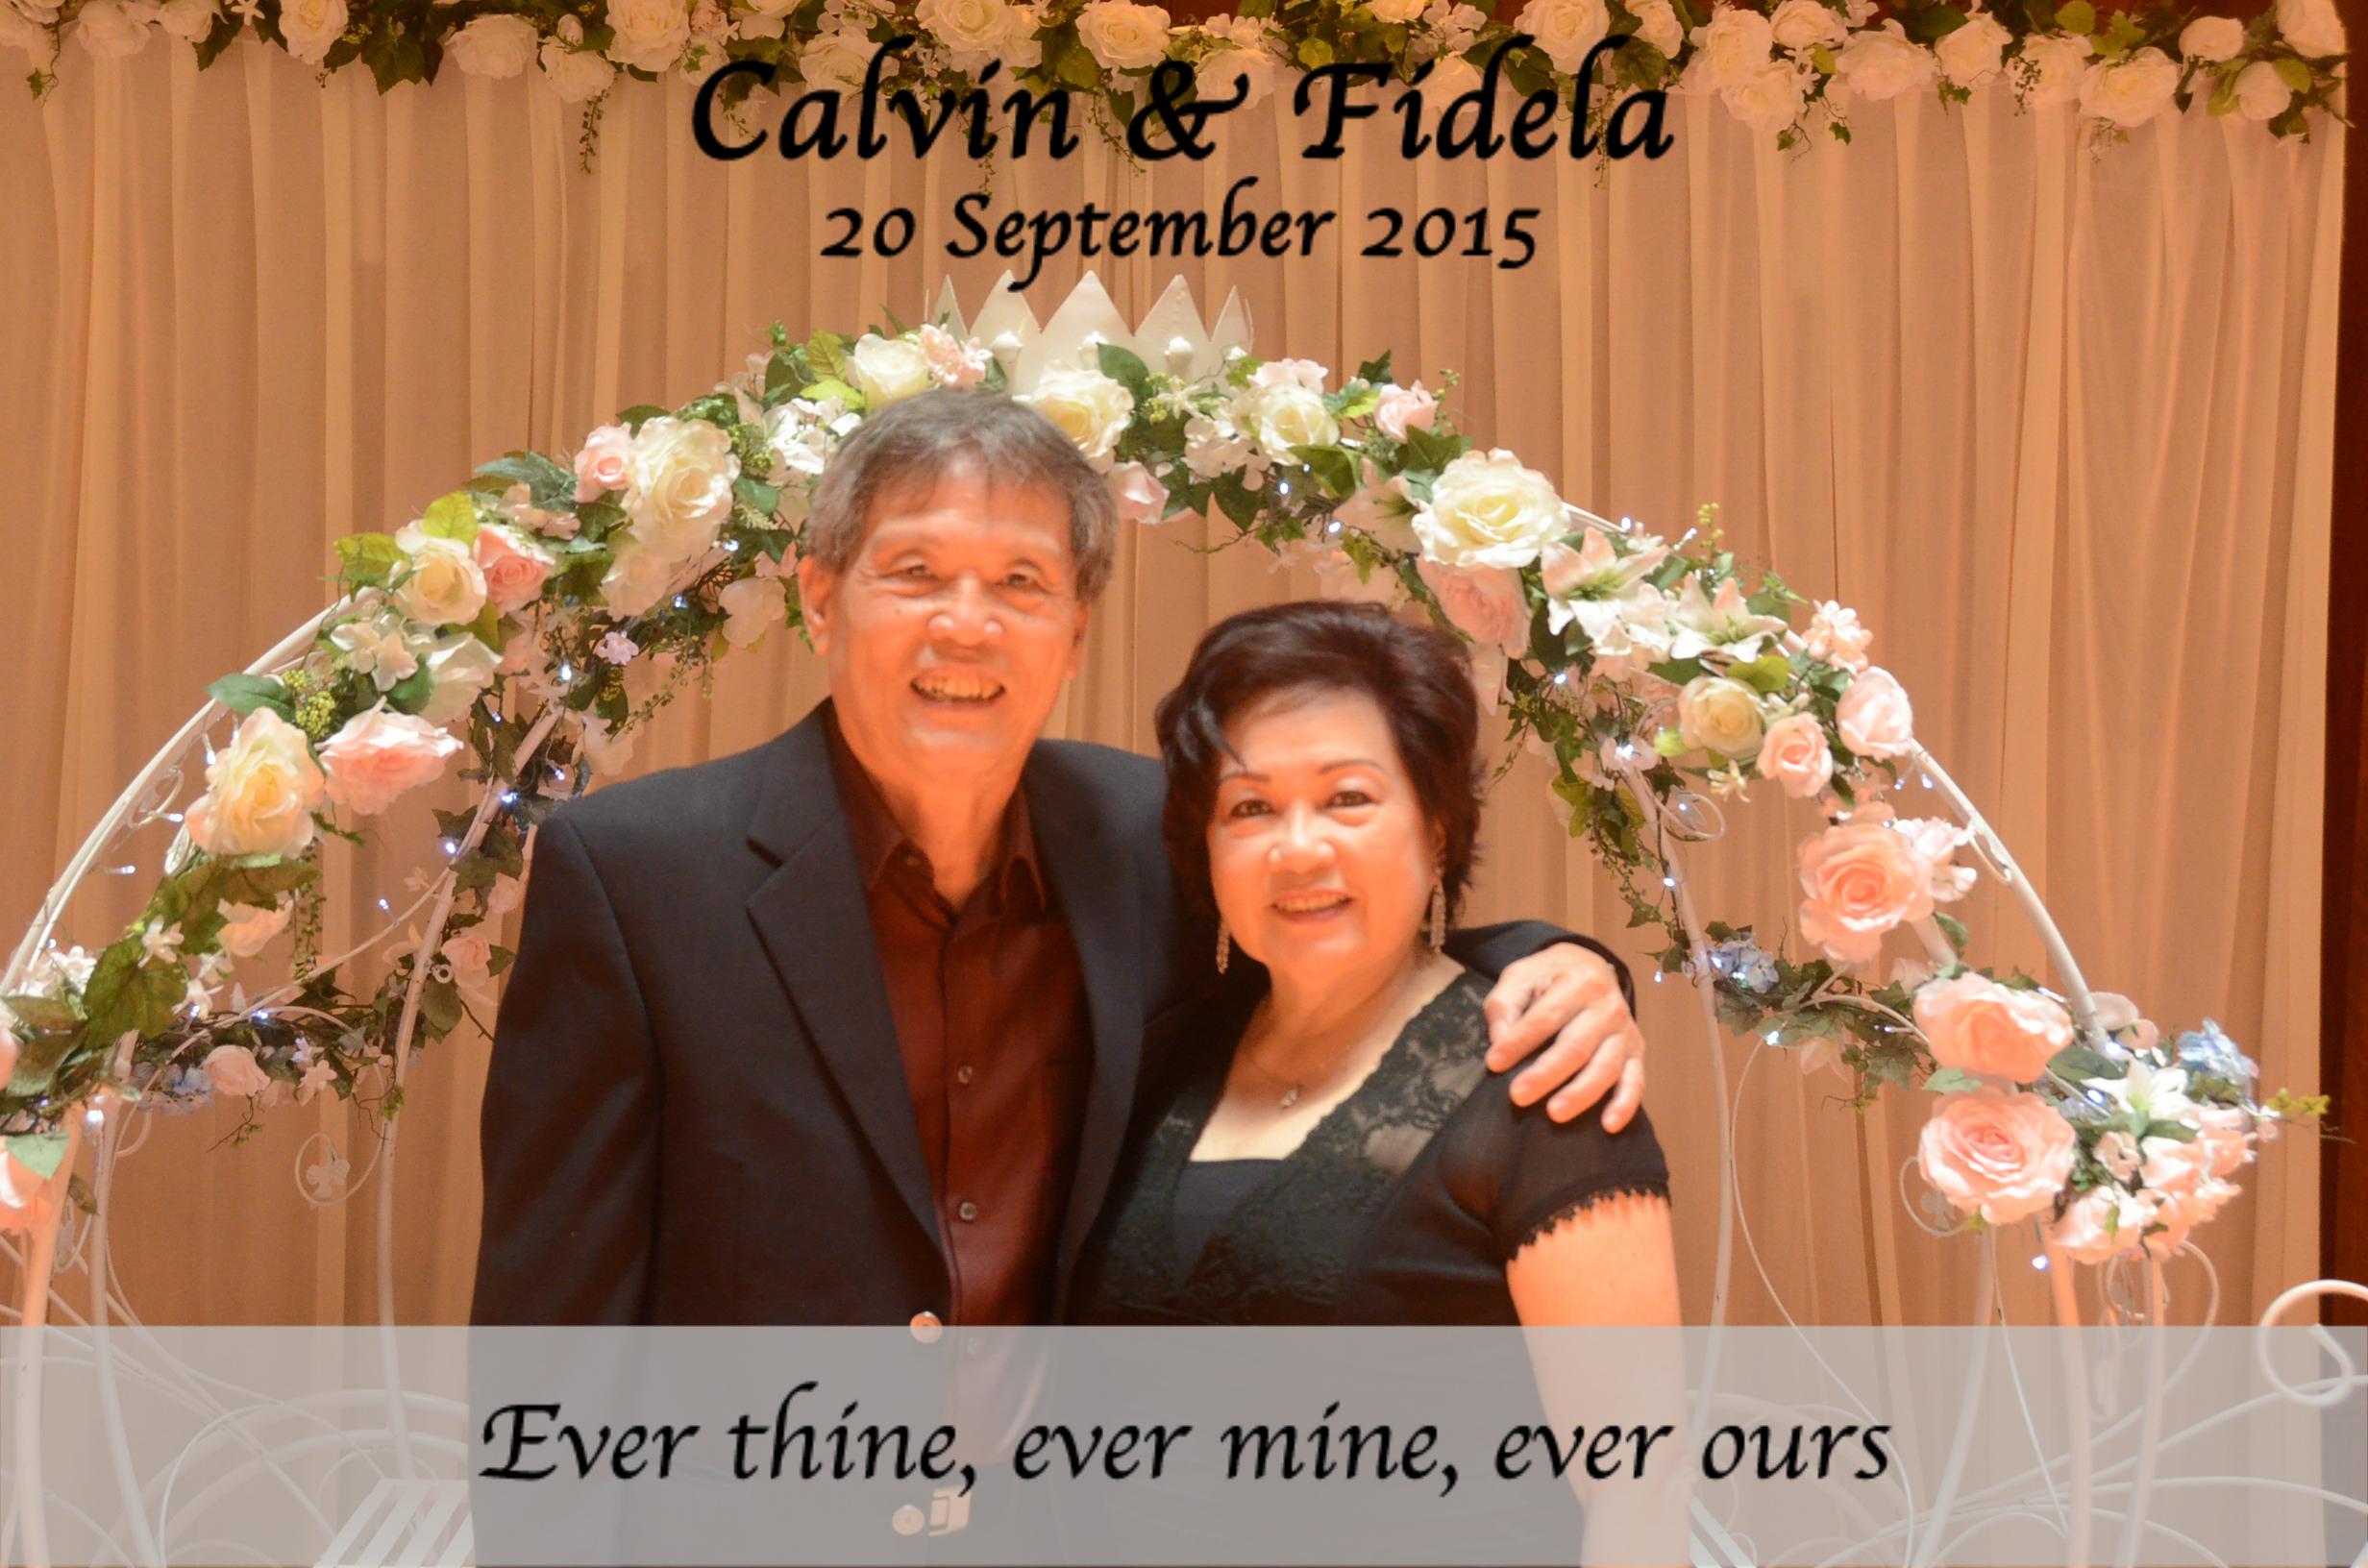 Calvin & Fidela-36.jpg